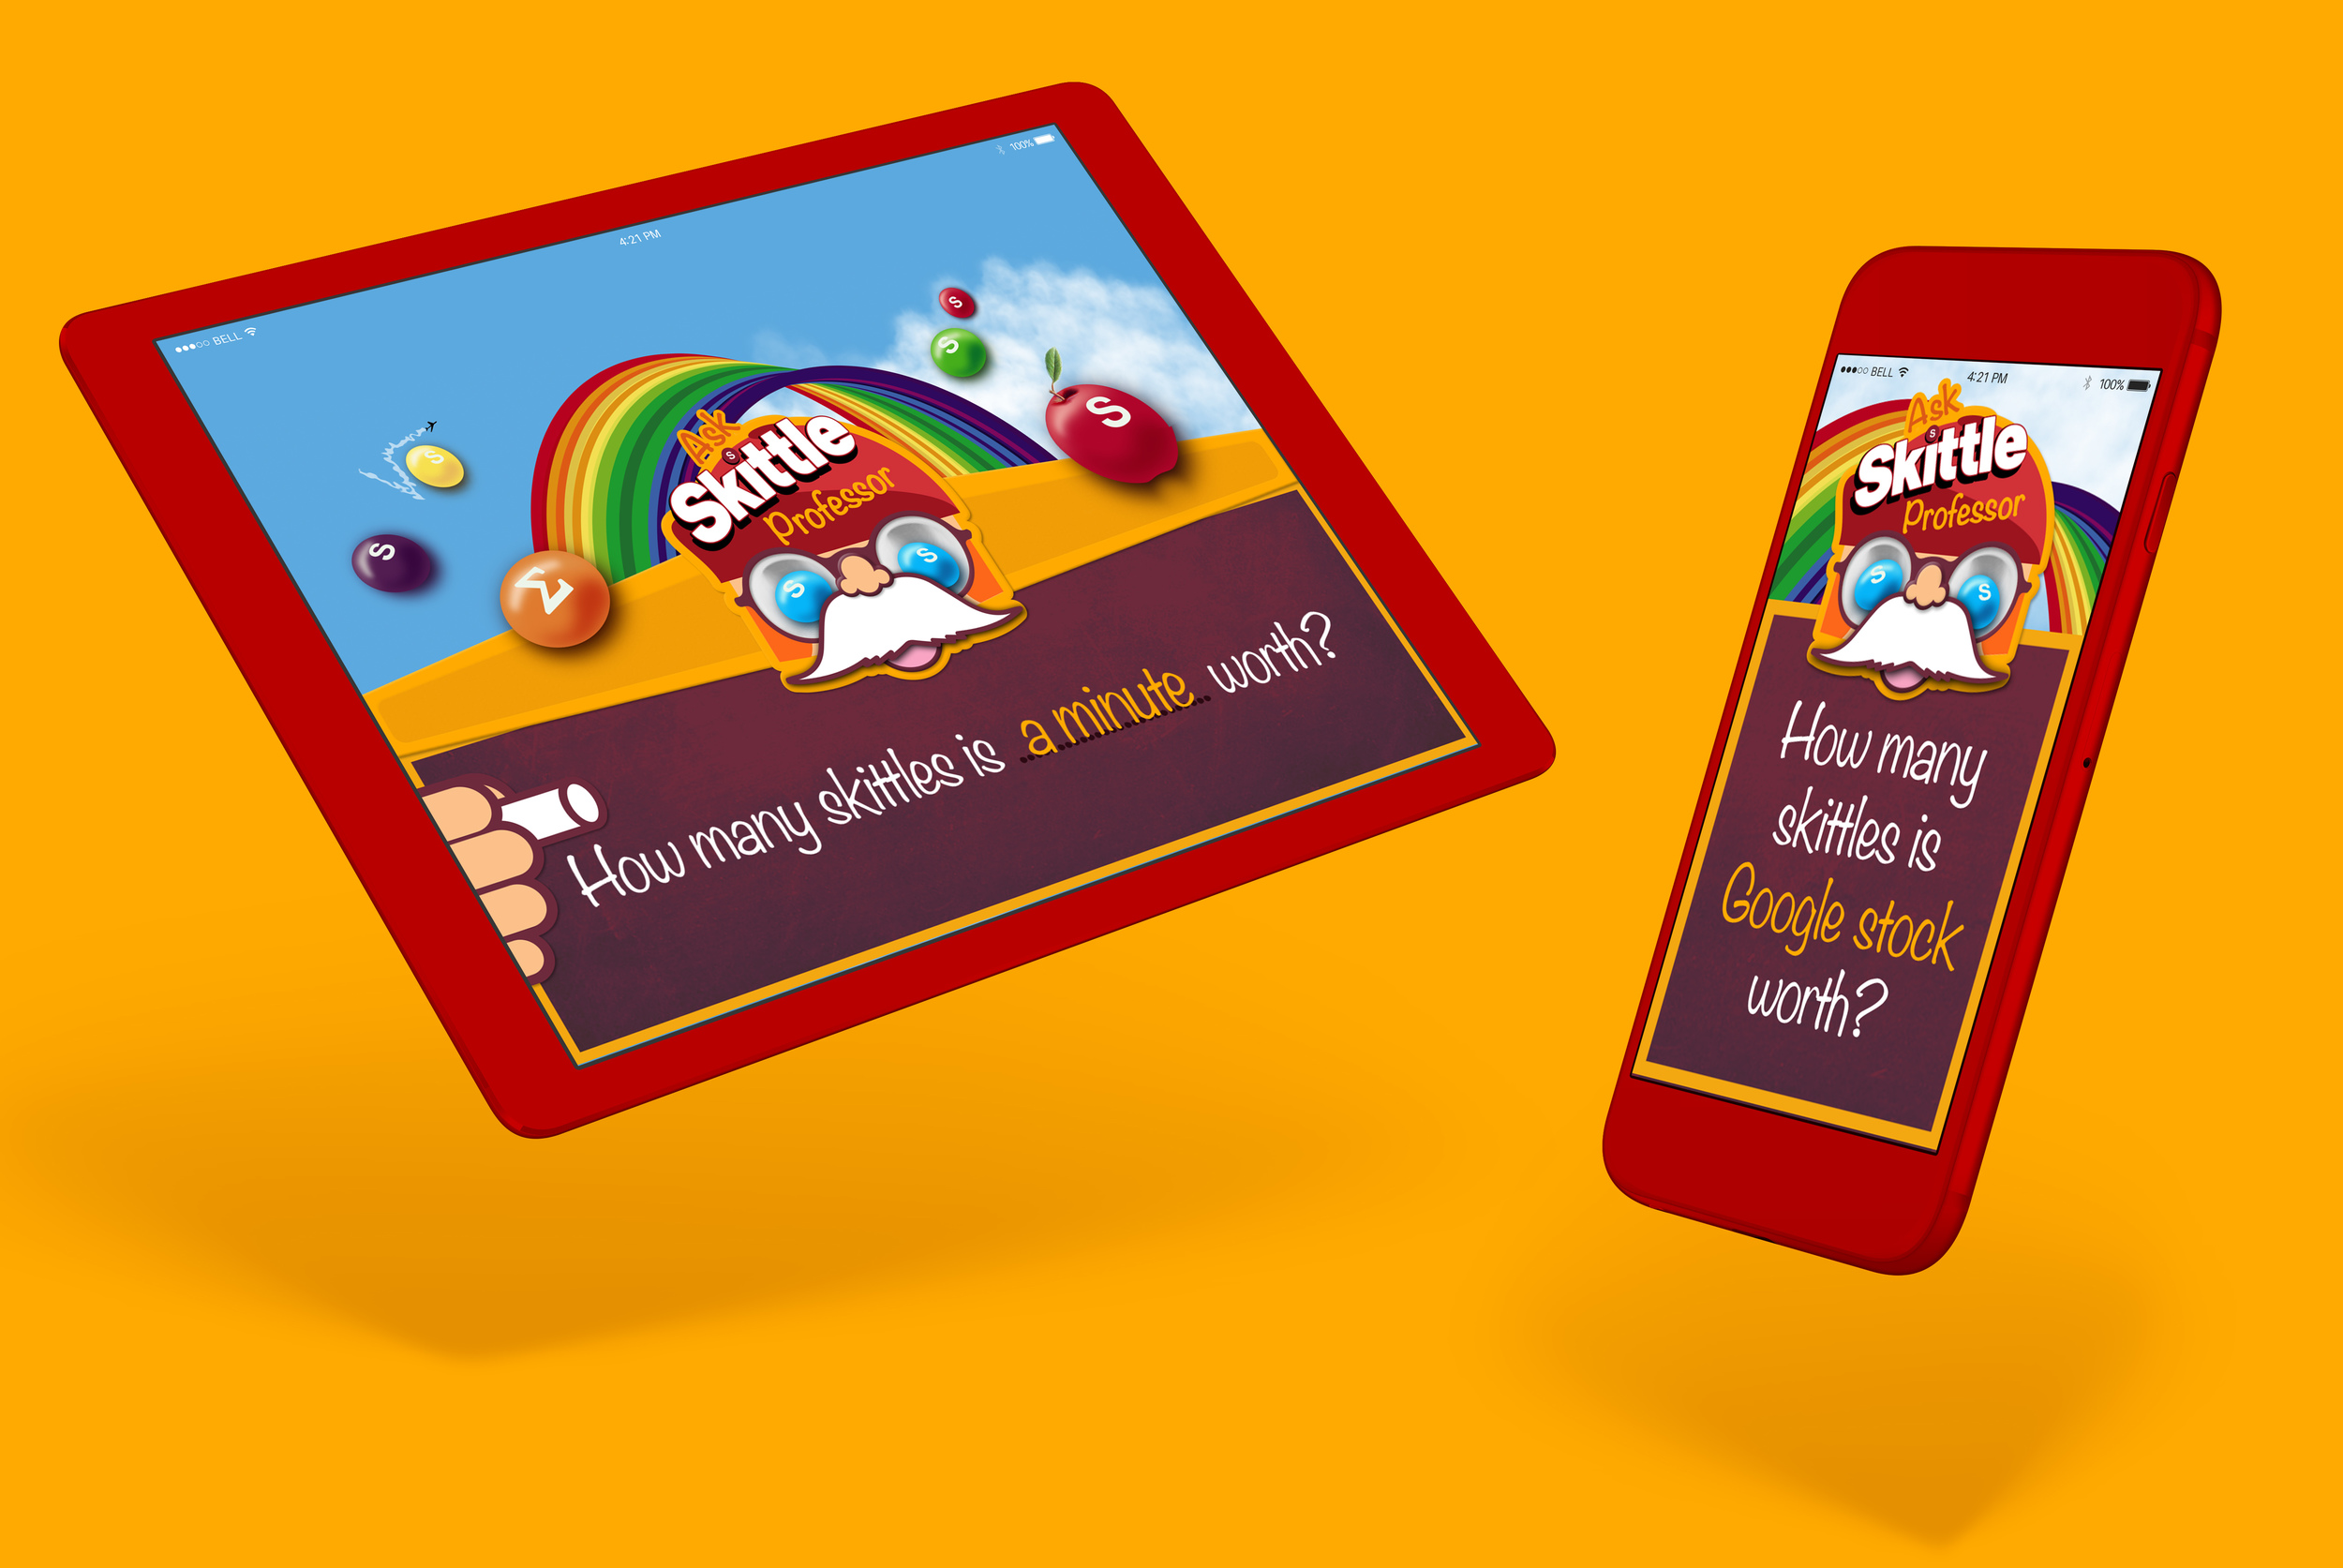 iPad skittles 3-.jpg